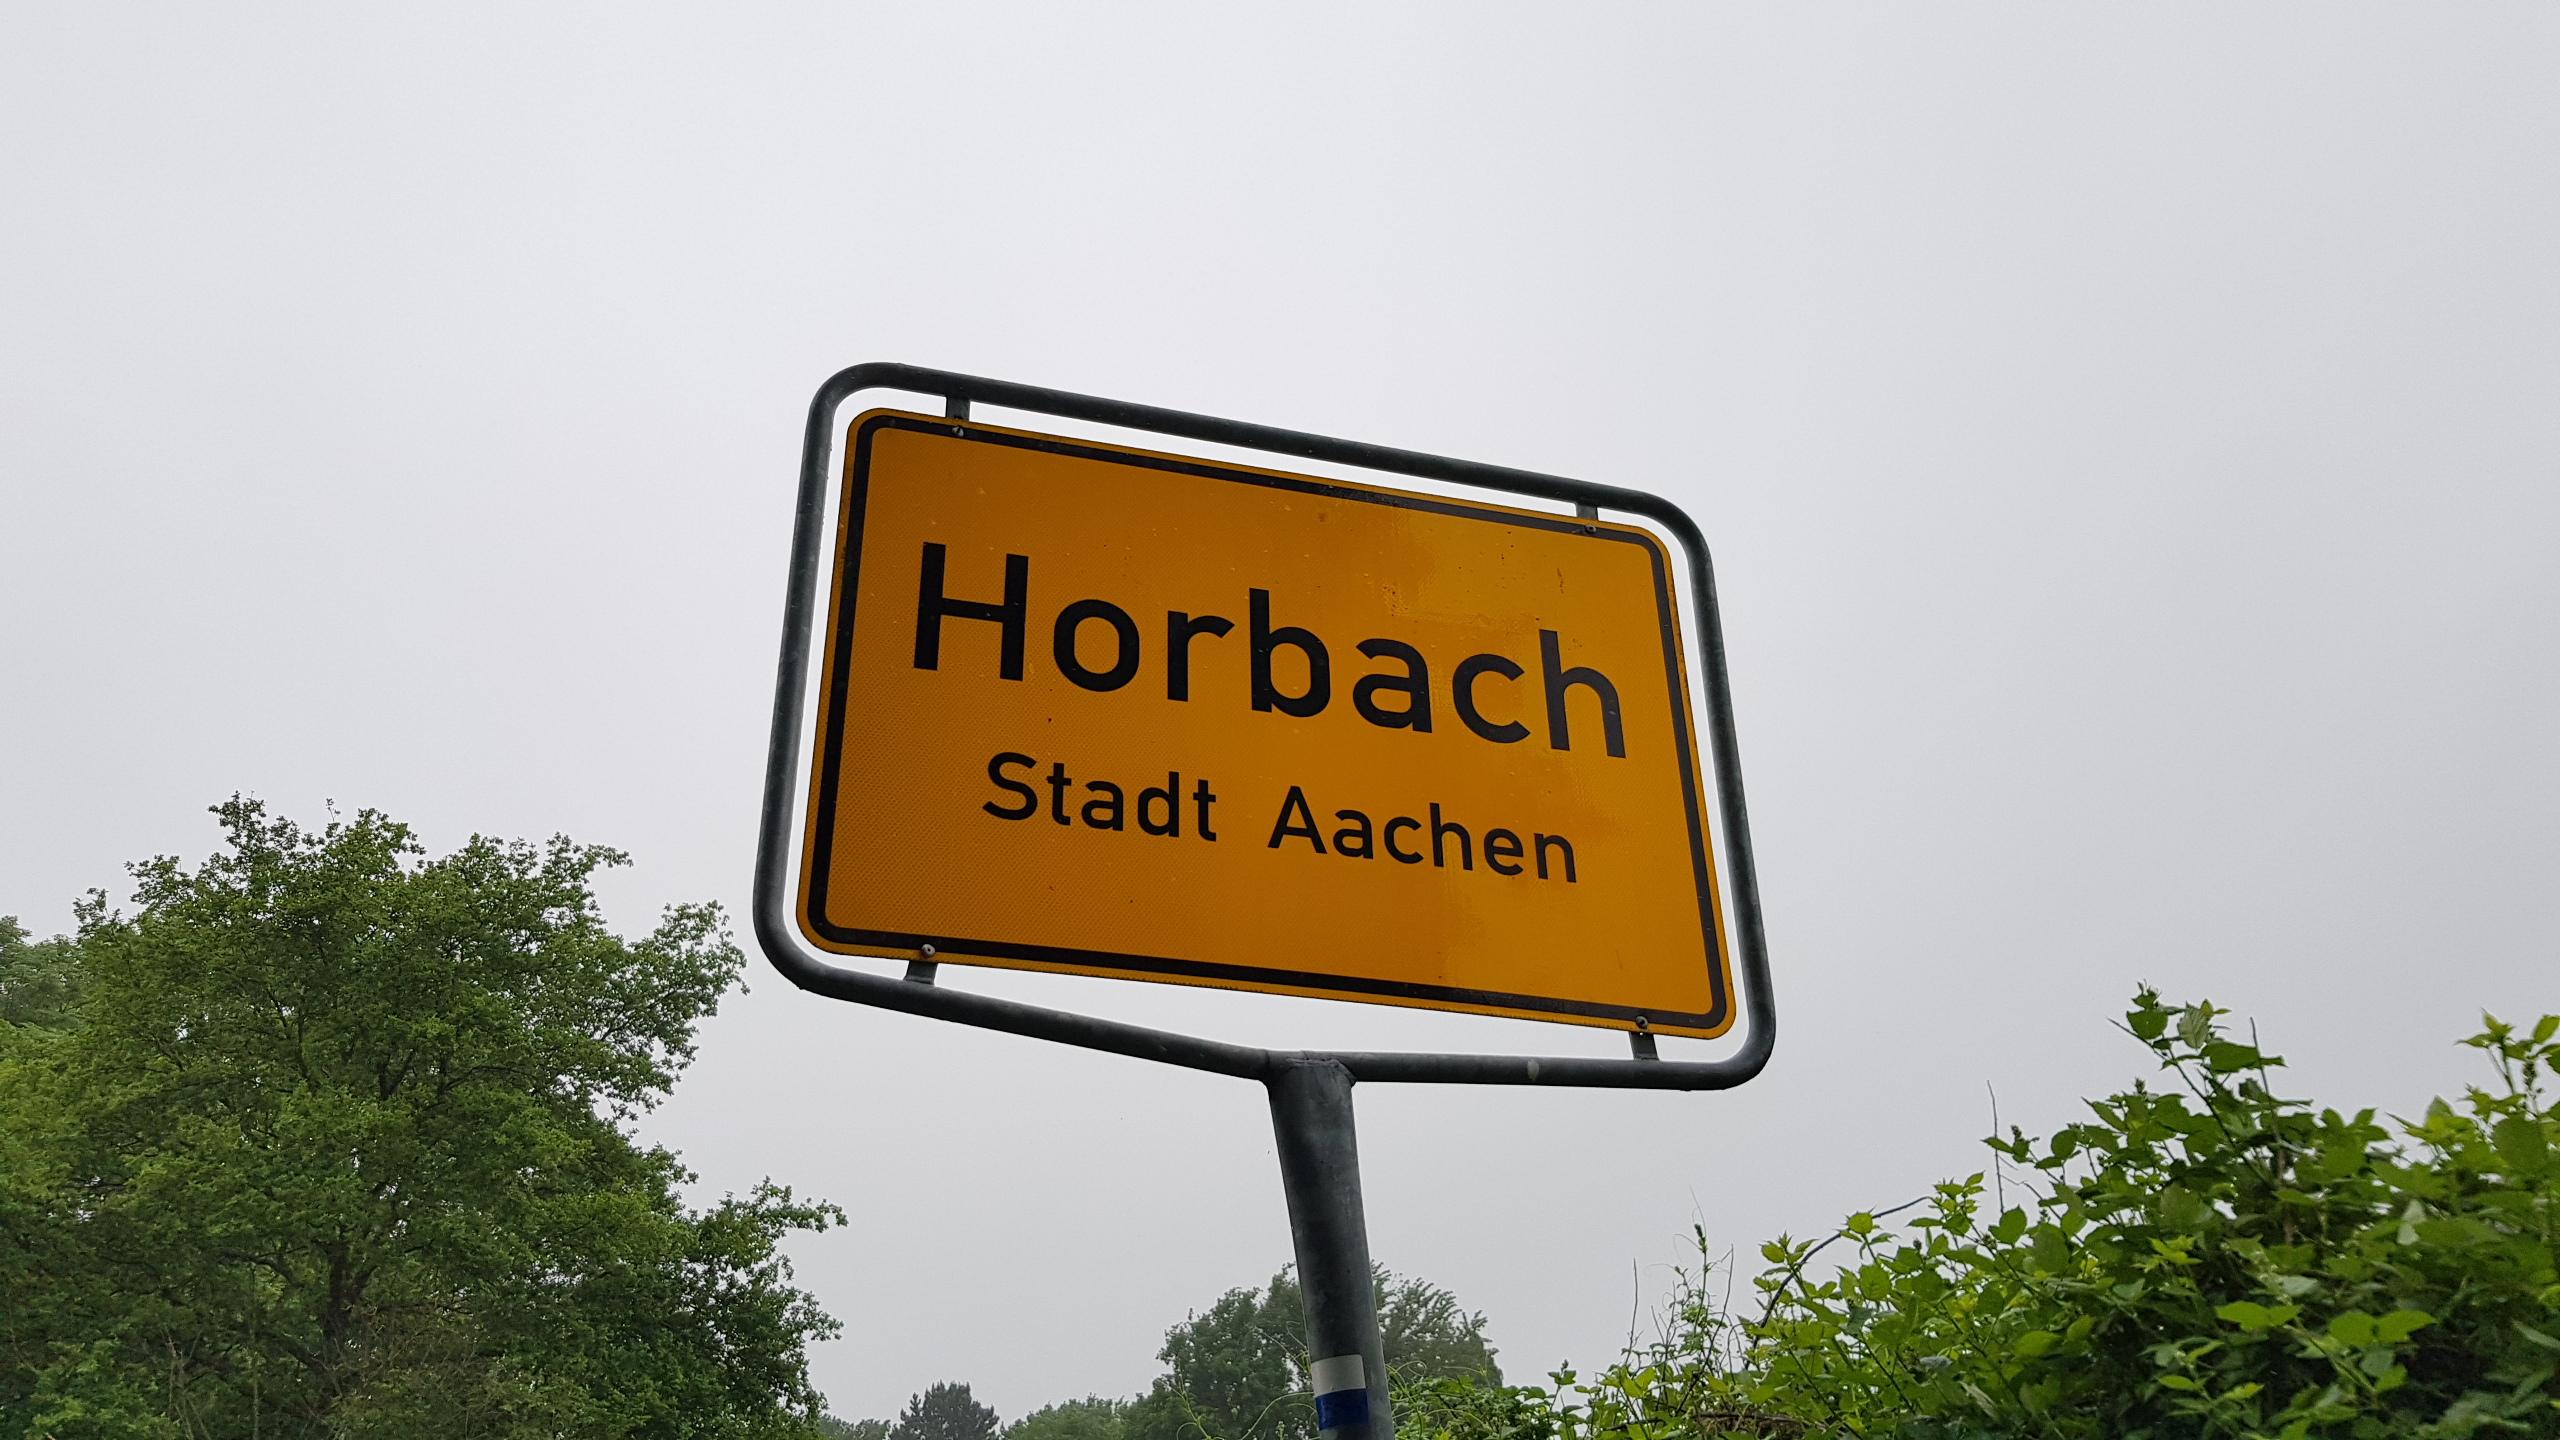 Horbach